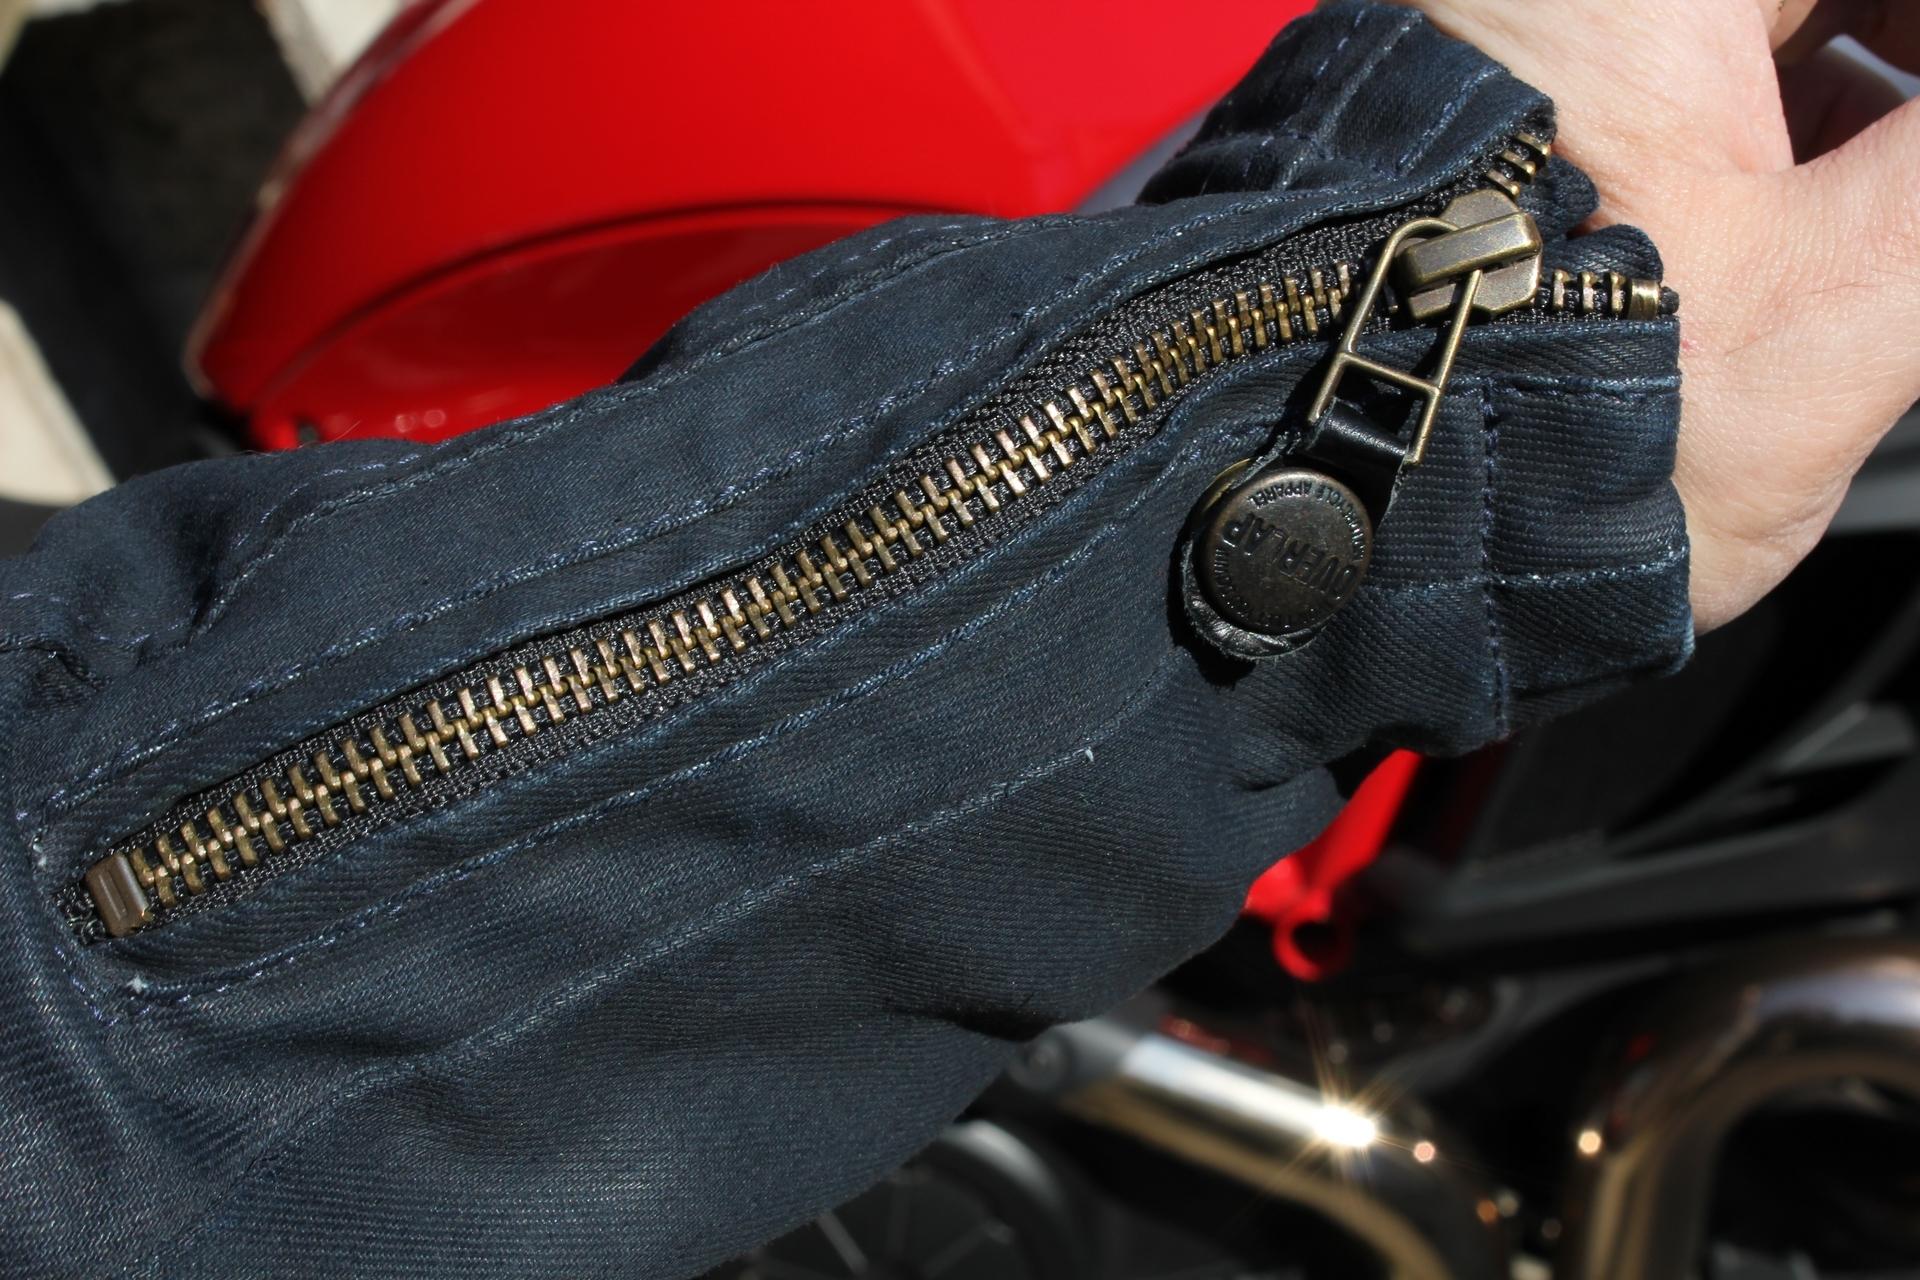 Ajuste del puño, mediante cremallera, con un ingenioso broche de presión que permite inmovilizar la lengüeta